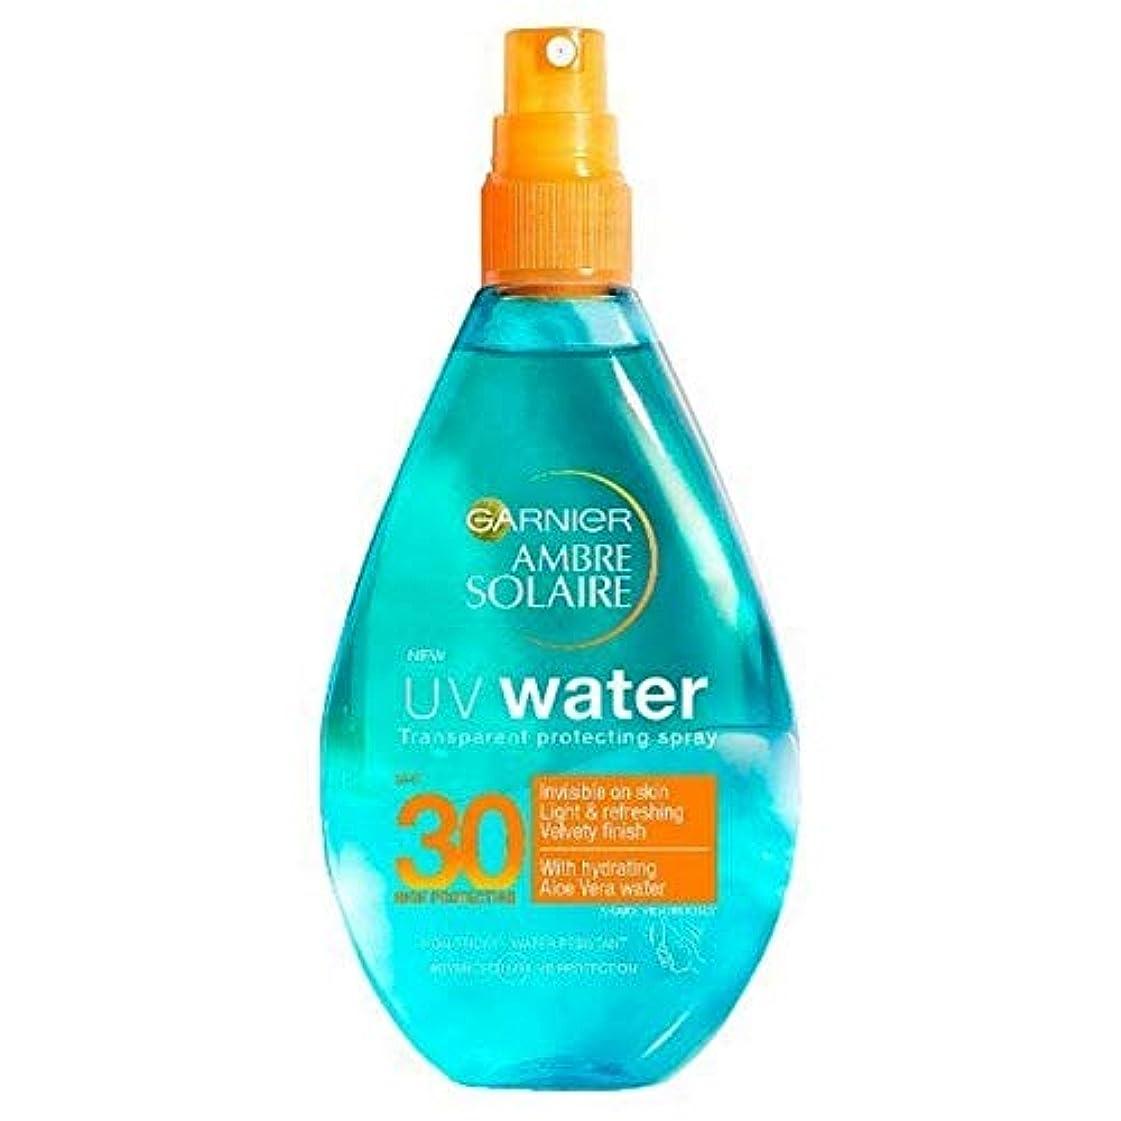 アヒルファシズムベッドを作る[Garnier ] アンブレSolaire紫外線水明確な日クリームスプレーSpf30 150ミリリットル - Ambre Solaire UV Water Clear Sun Cream Spray SPF30 150ml...